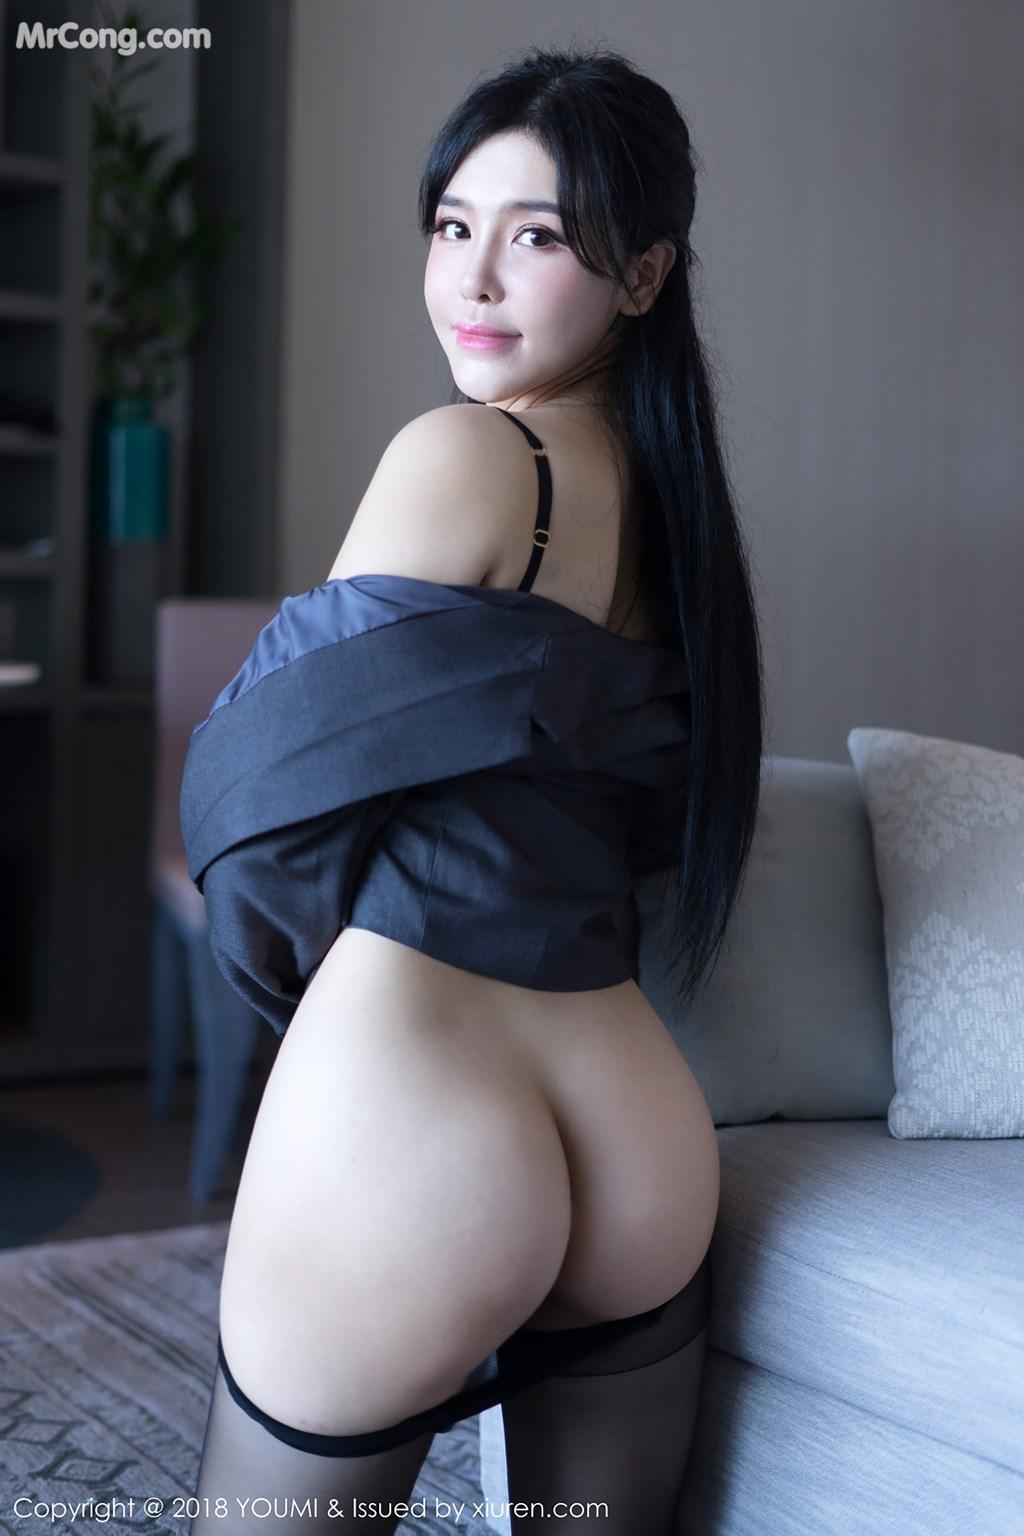 Image YouMi-Vol.238-Liu-Yu-Er-MrCong.com-001 in post YouMi Vol.238: Người mẫu Liu Yu Er (刘钰儿) (46 ảnh)